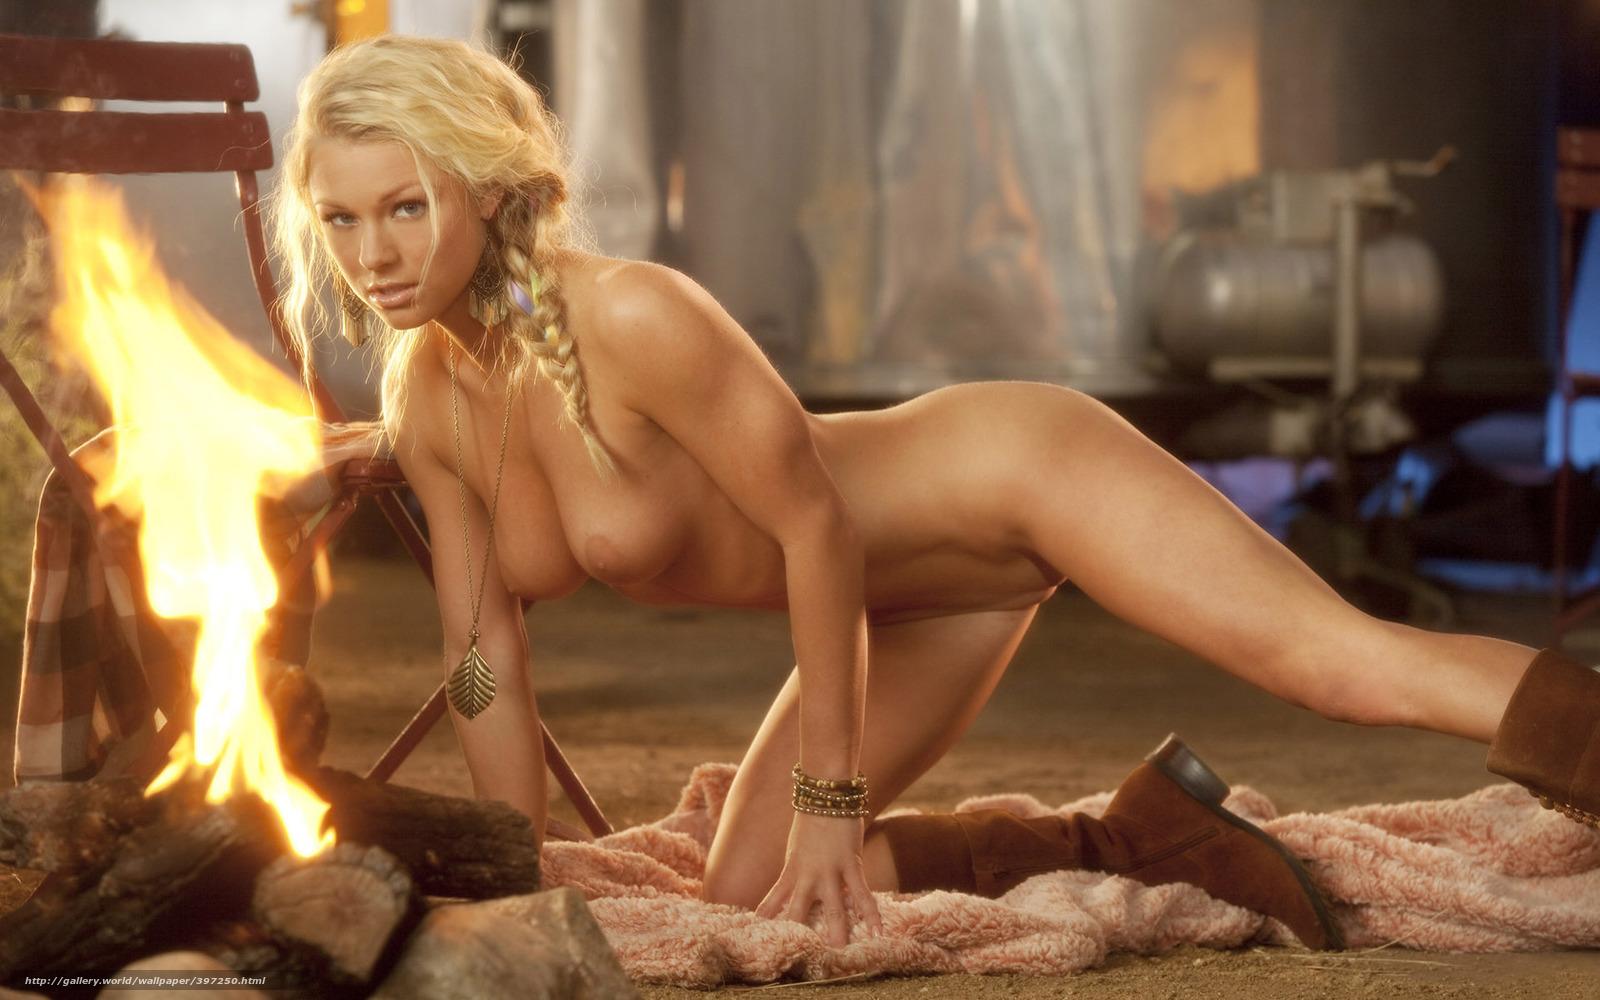 Сексуальные девушки фото грудь 29 фотография